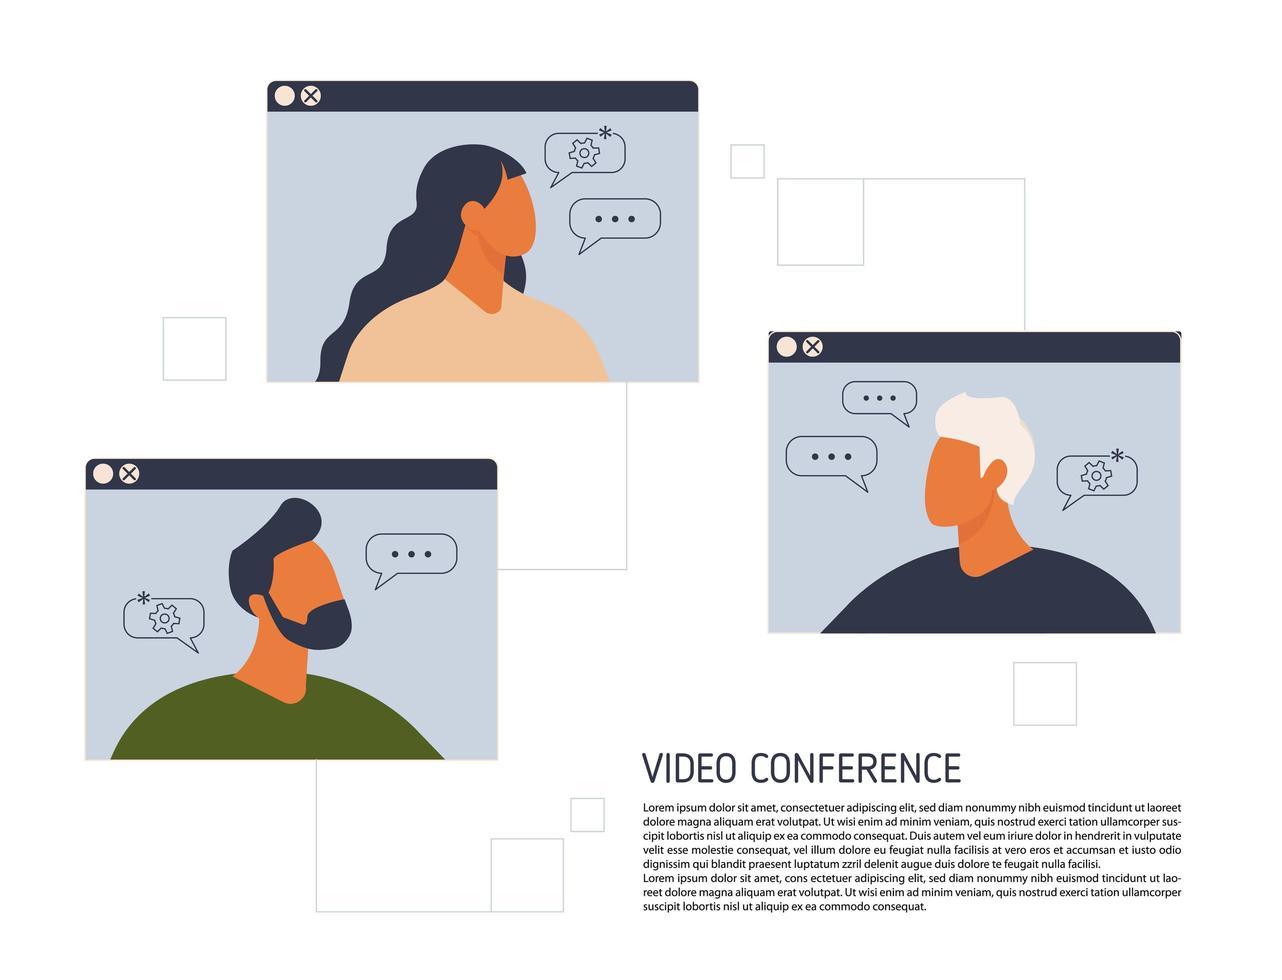 bleib und arbeite von zu Hause aus. Videokonferenzillustration. Arbeitsplatz, Laptop-Bildschirm, Gruppe von Menschen, die über das Internet sprechen. Stream, Web-Chat, Online-Treffen mit Freunden. Coronavirus, Quarantäneisolierung. vektor